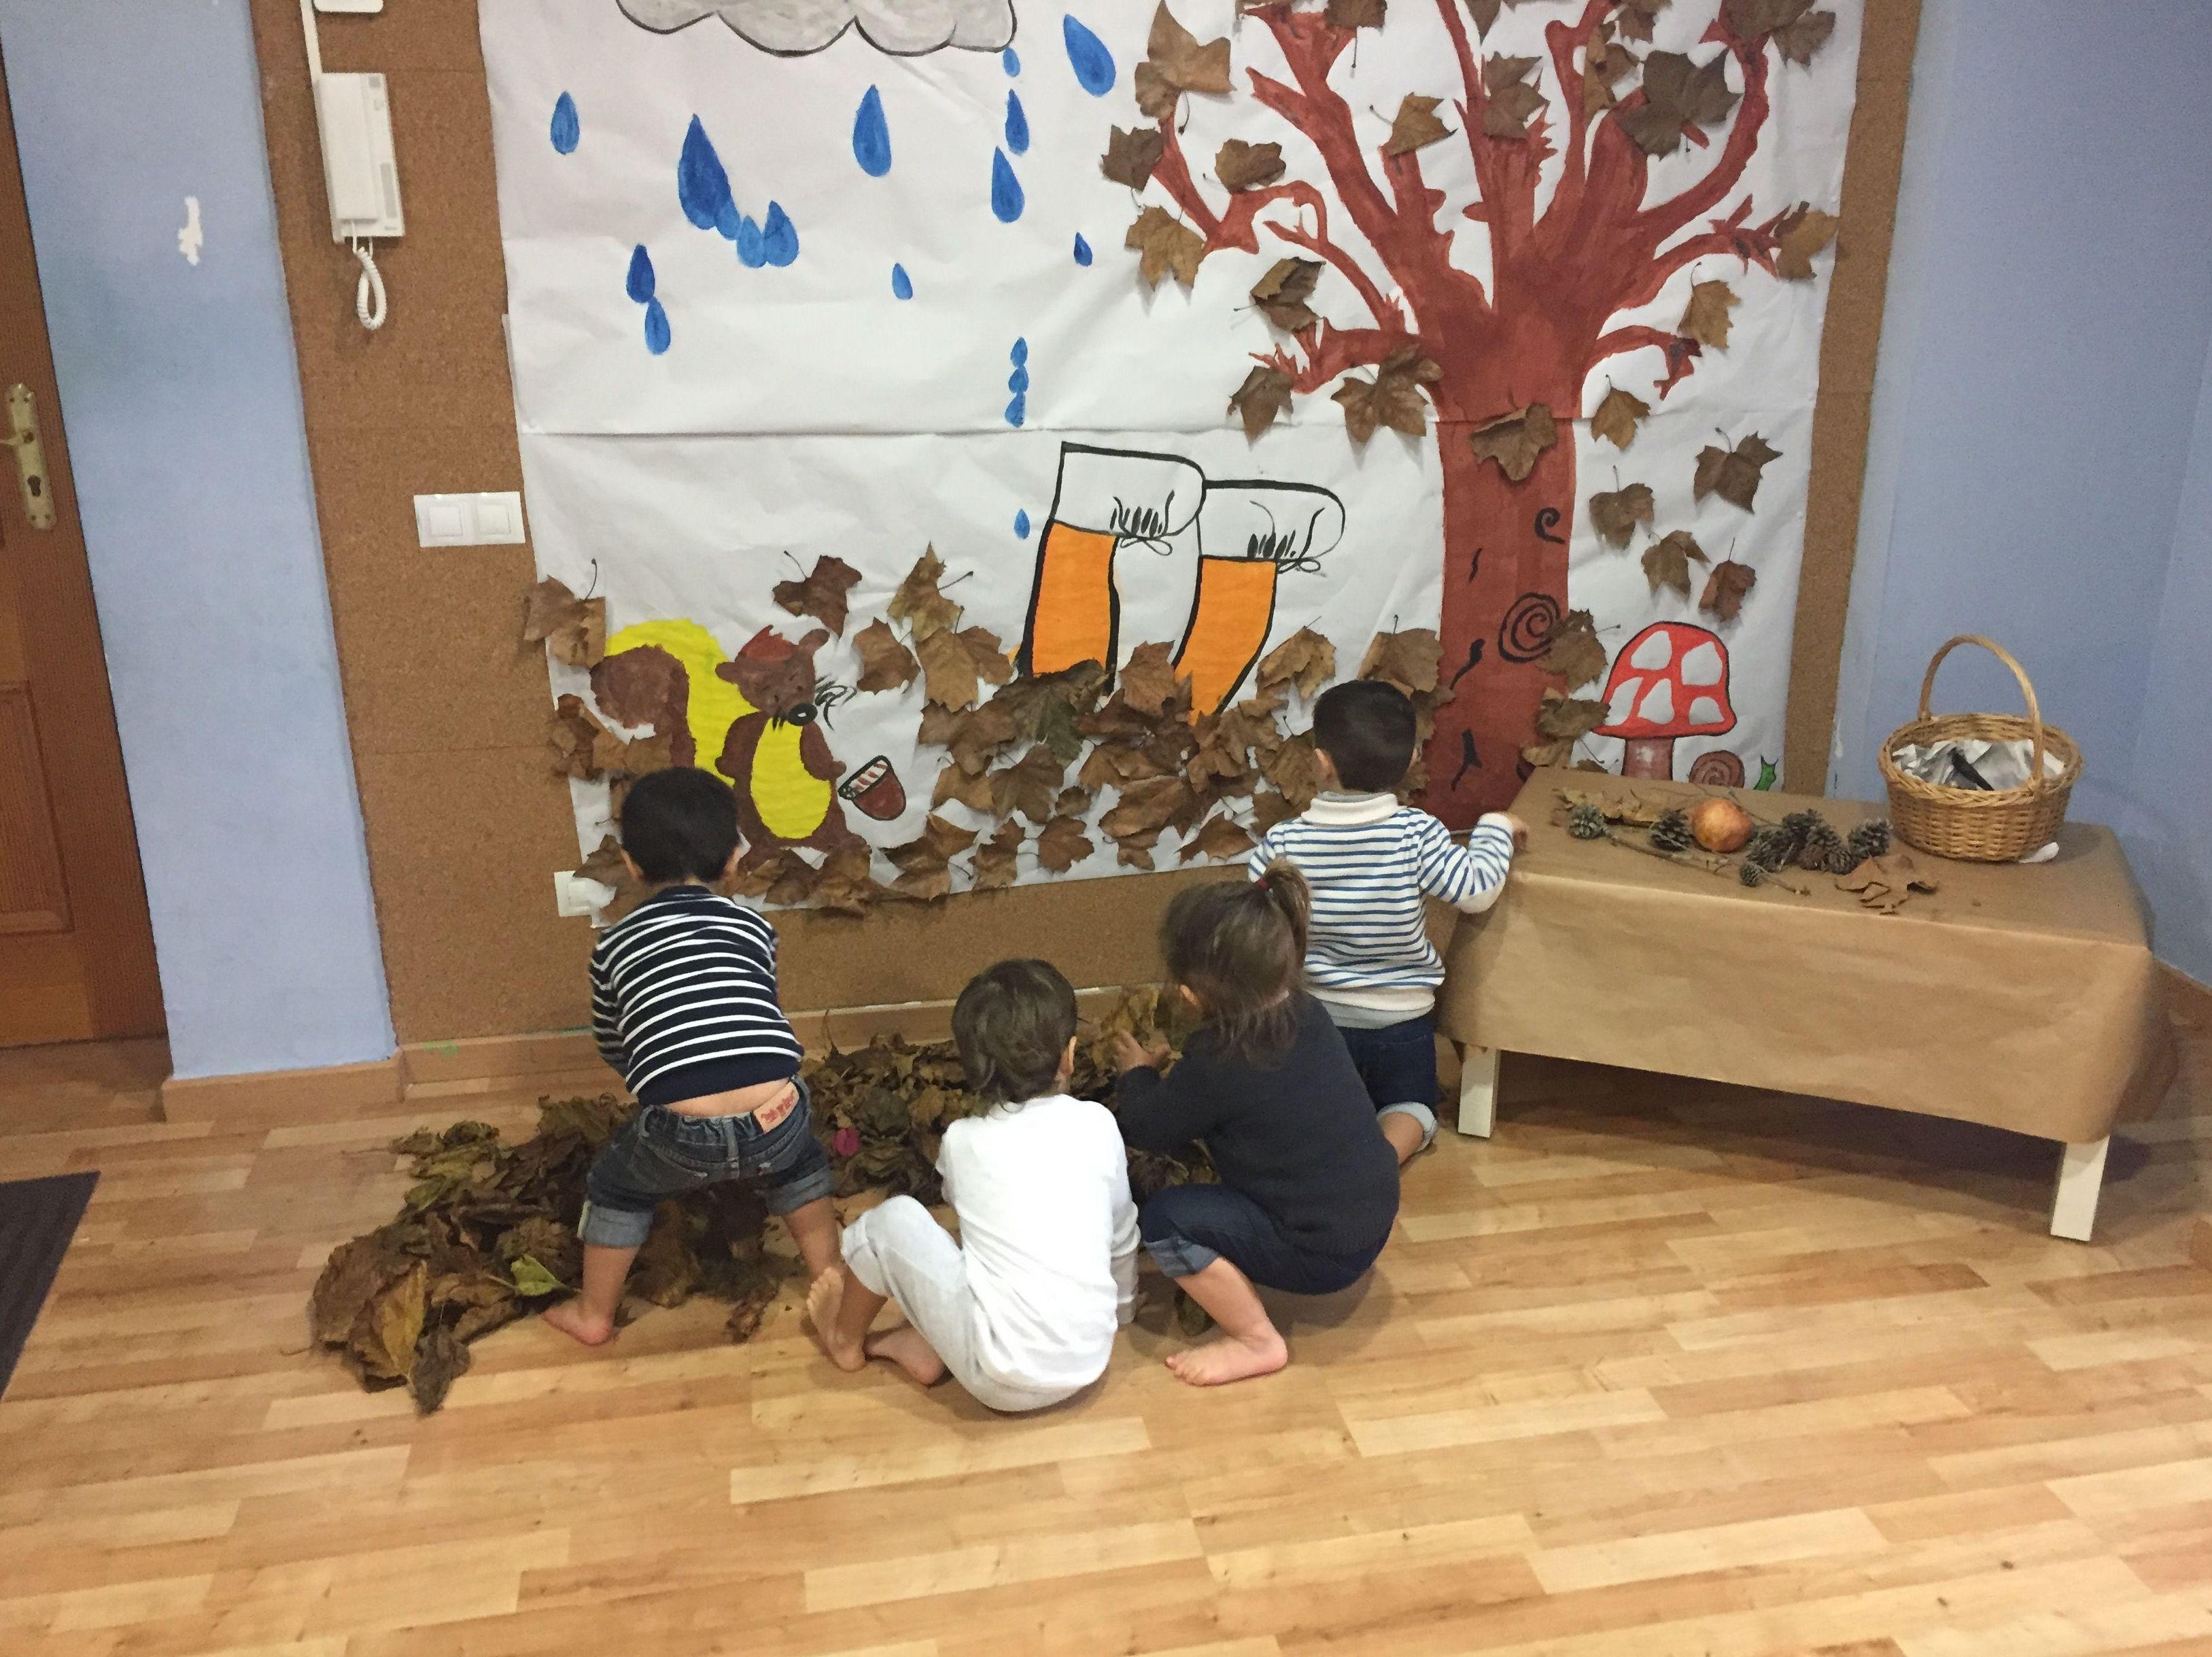 Foto 11 de Escuela infantil para niños de 0 a 3 años en Llucmajor | Escoleta Colibrís